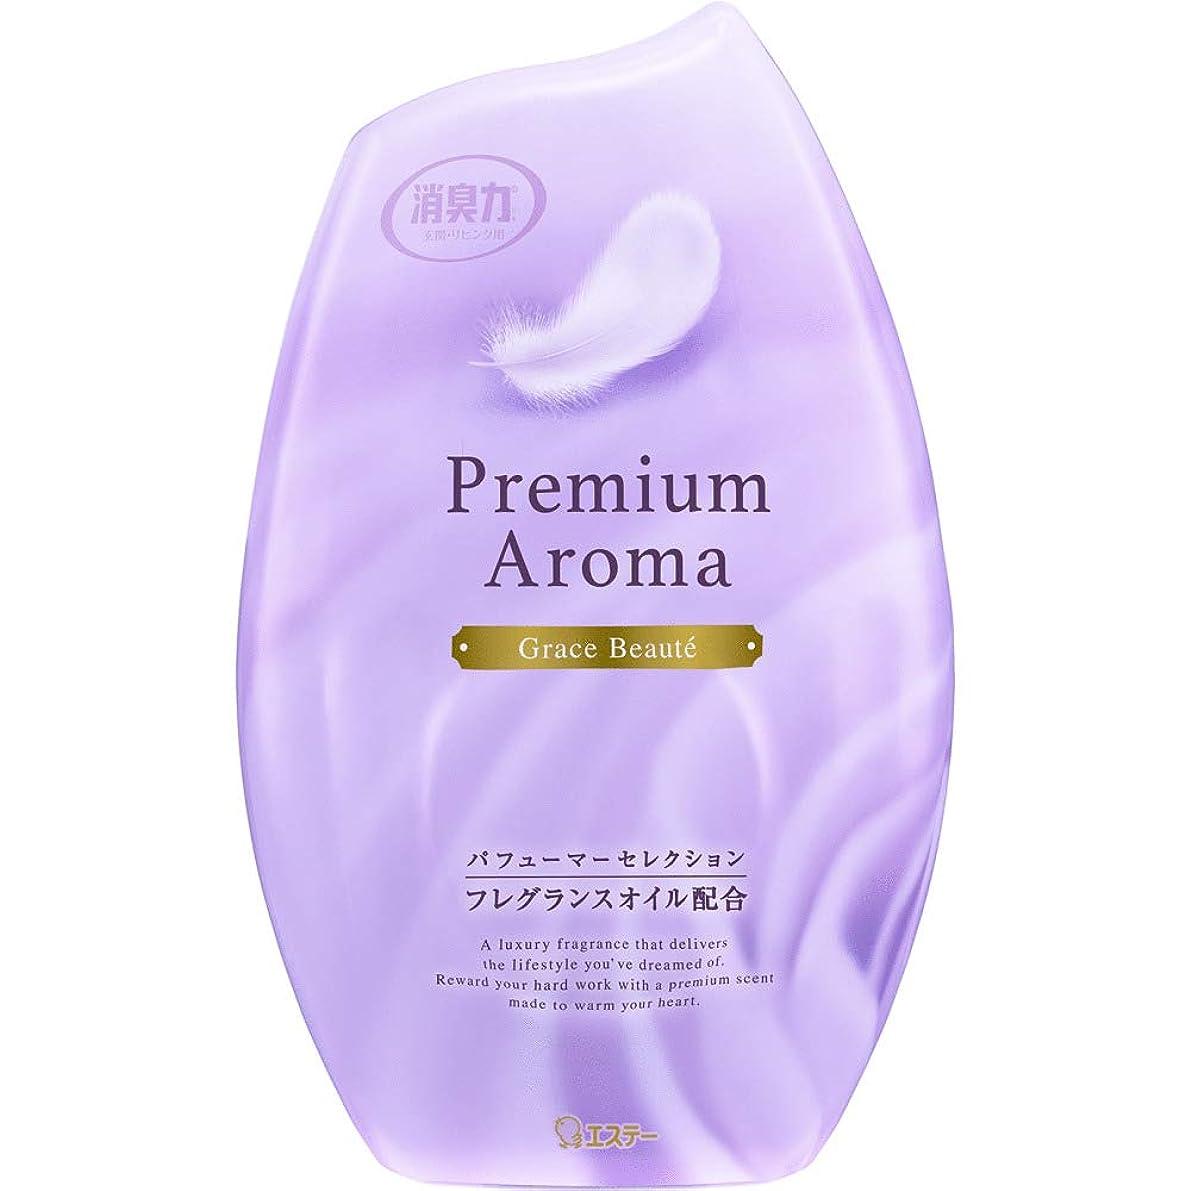 散るエミュレーション知覚できるお部屋の消臭力 プレミアムアロマ Premium Aroma 消臭芳香剤 部屋用 グレイスボーテ 400ml